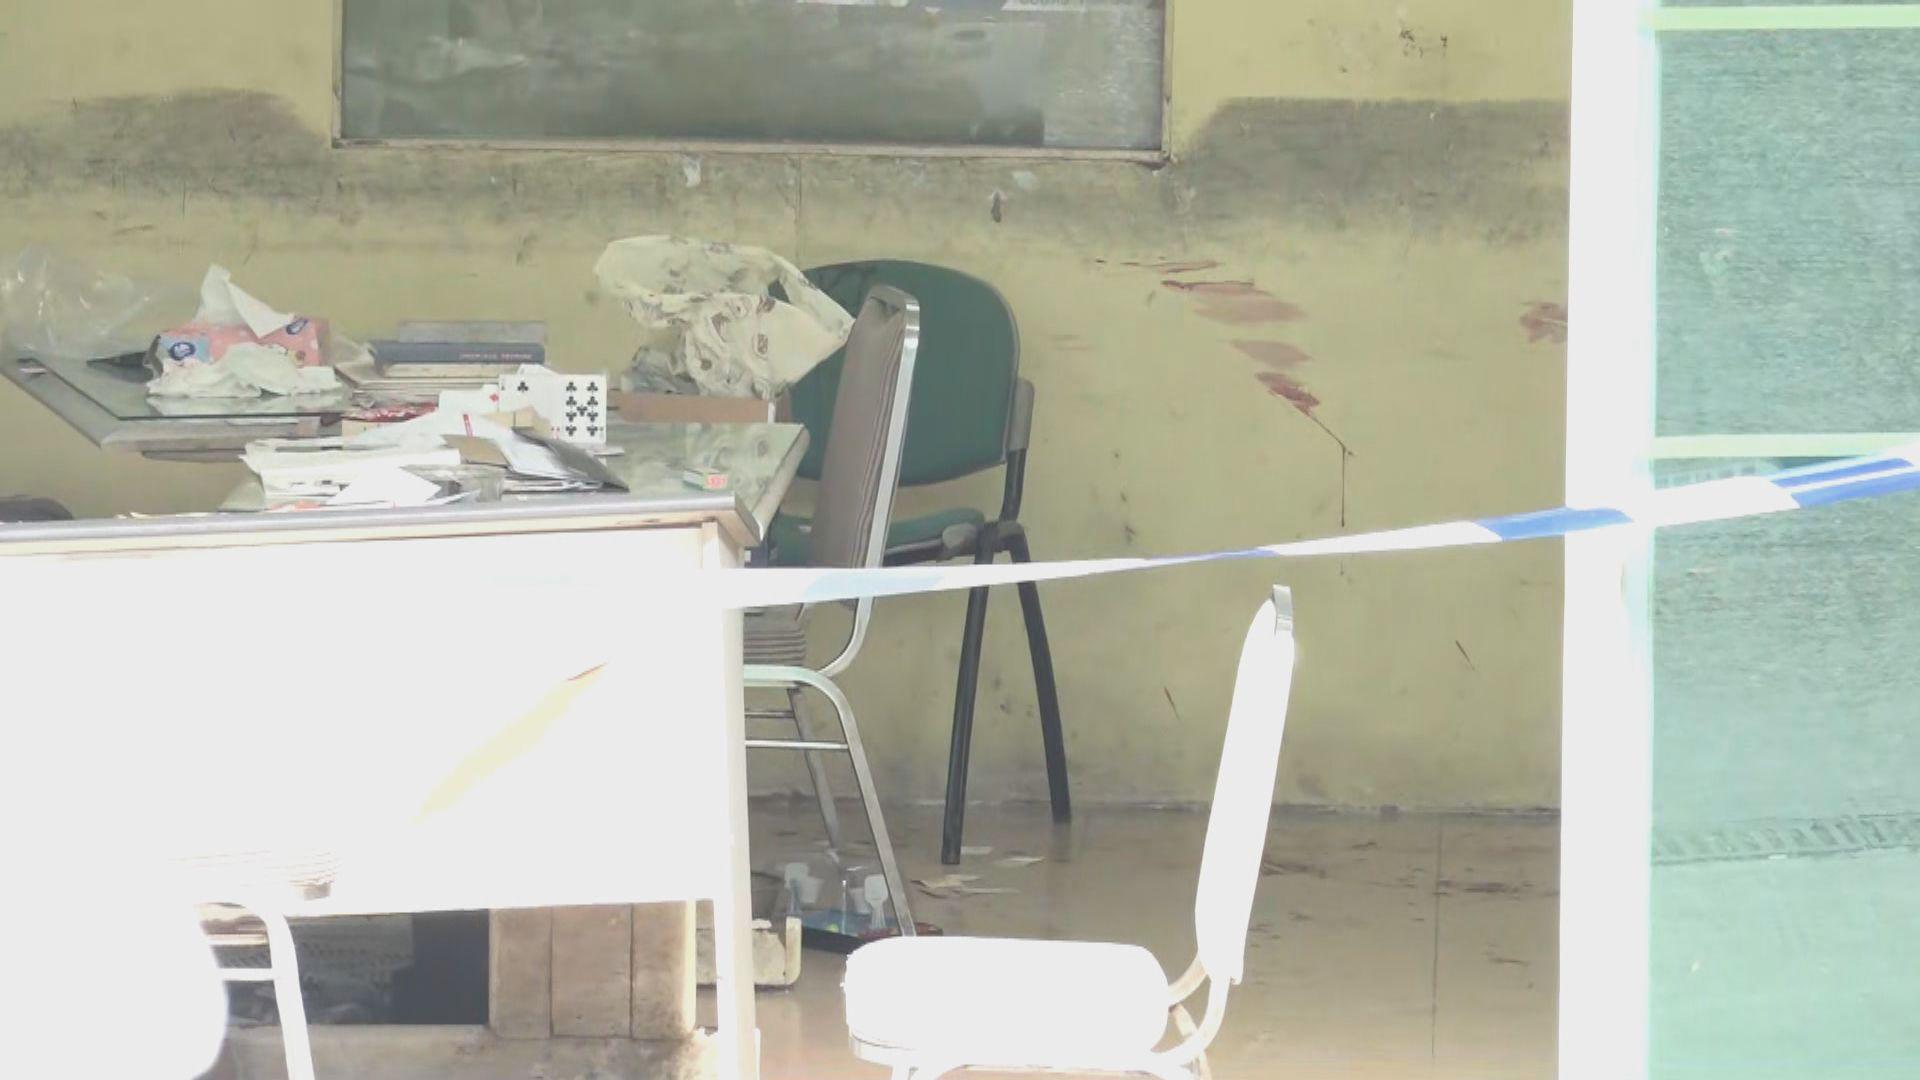 粉嶺石廠一男子遭人持刀襲擊不治 暫未有人被捕